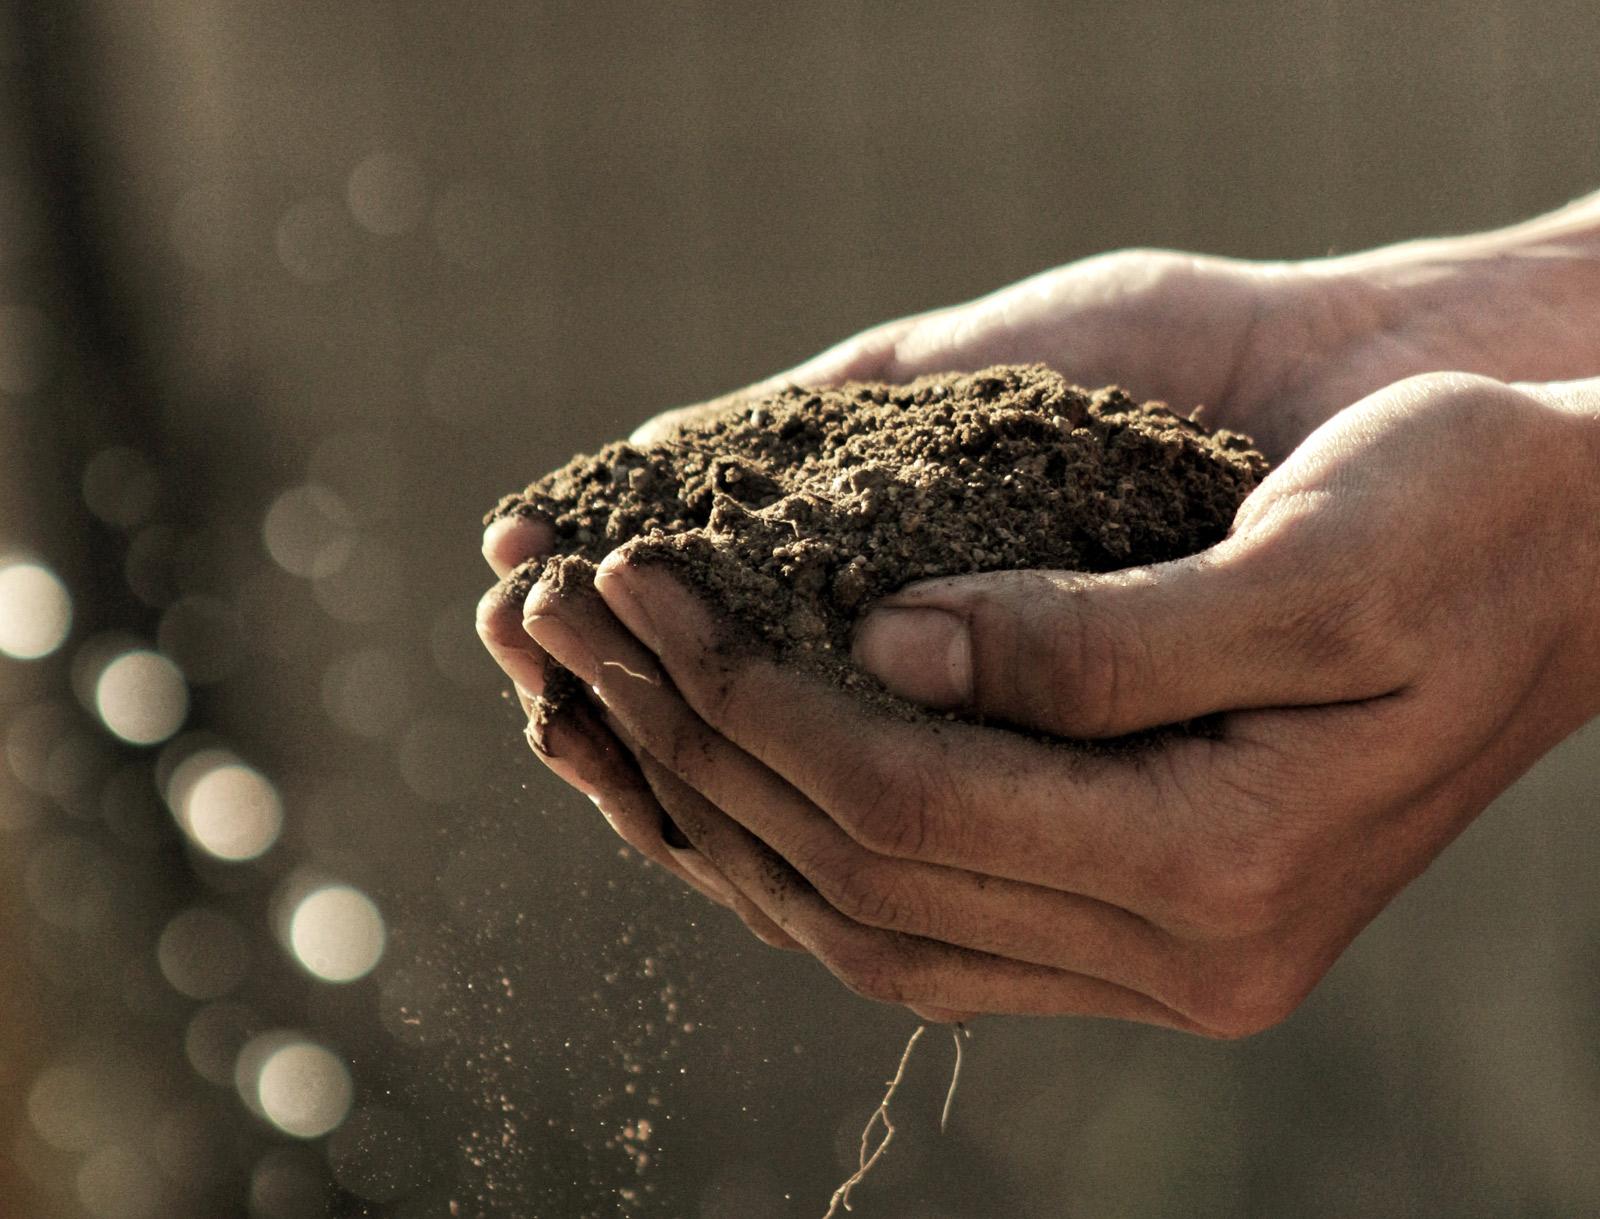 Zwei Hände tragen geschlossen frische braune Erde